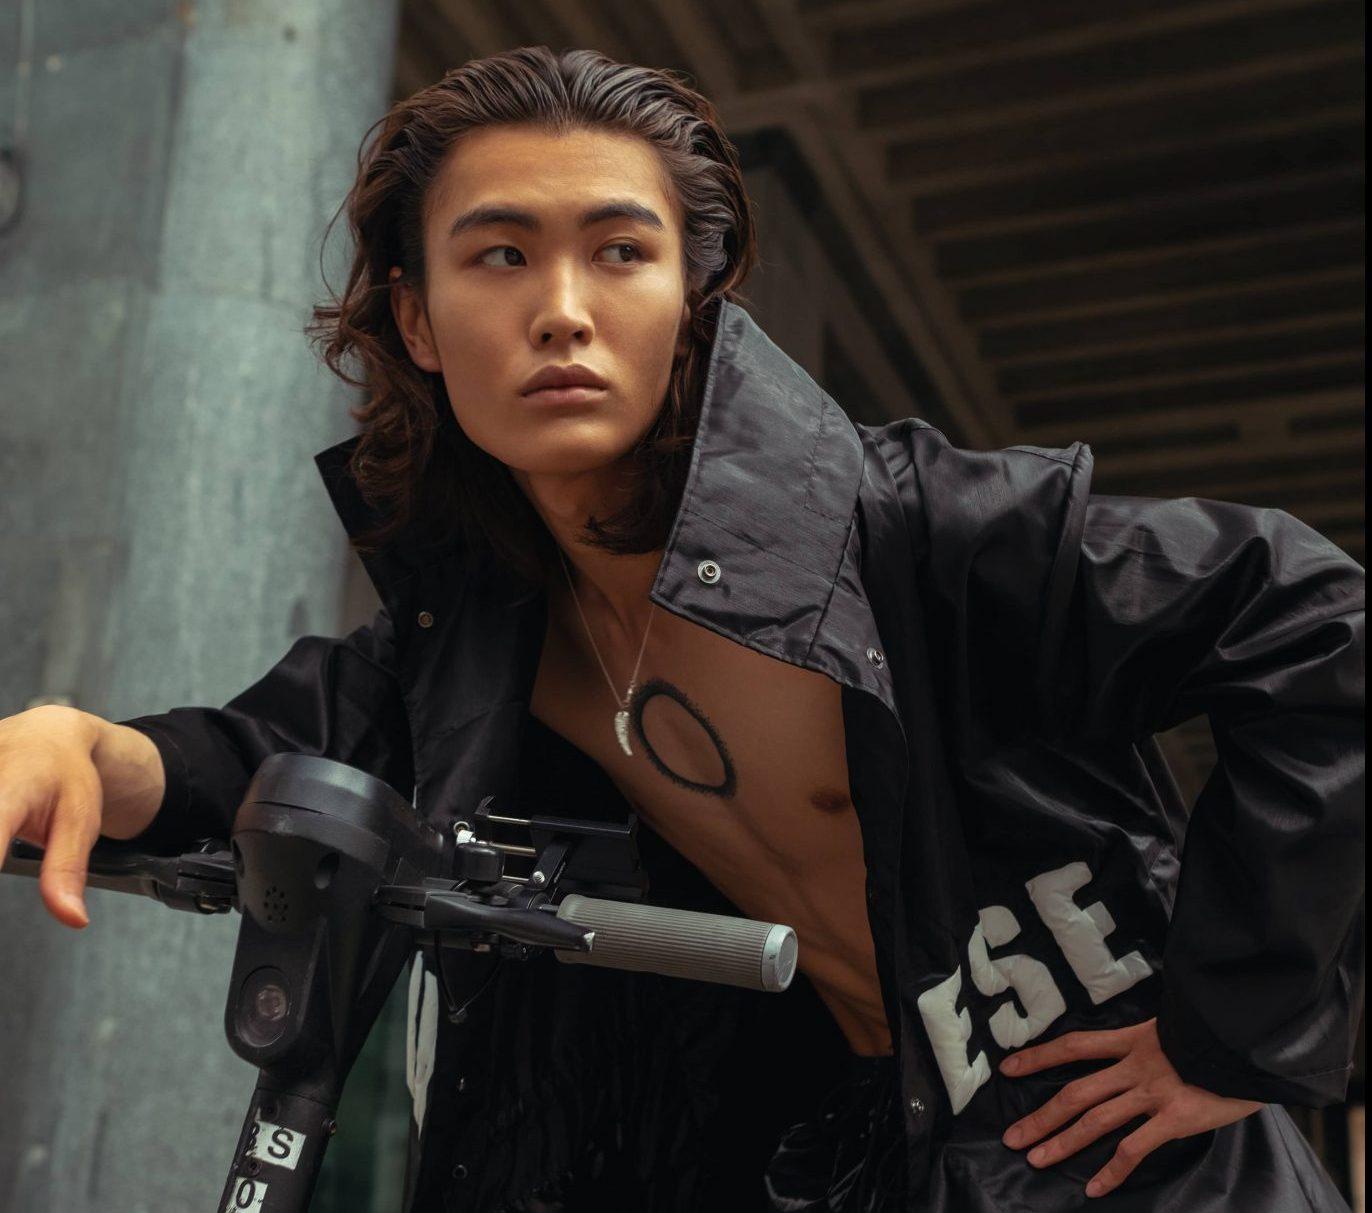 Kazu by Alex Dani Kazu by Alex Dani Vanity Teen 虚荣青年 Lifestyle & new faces magazine